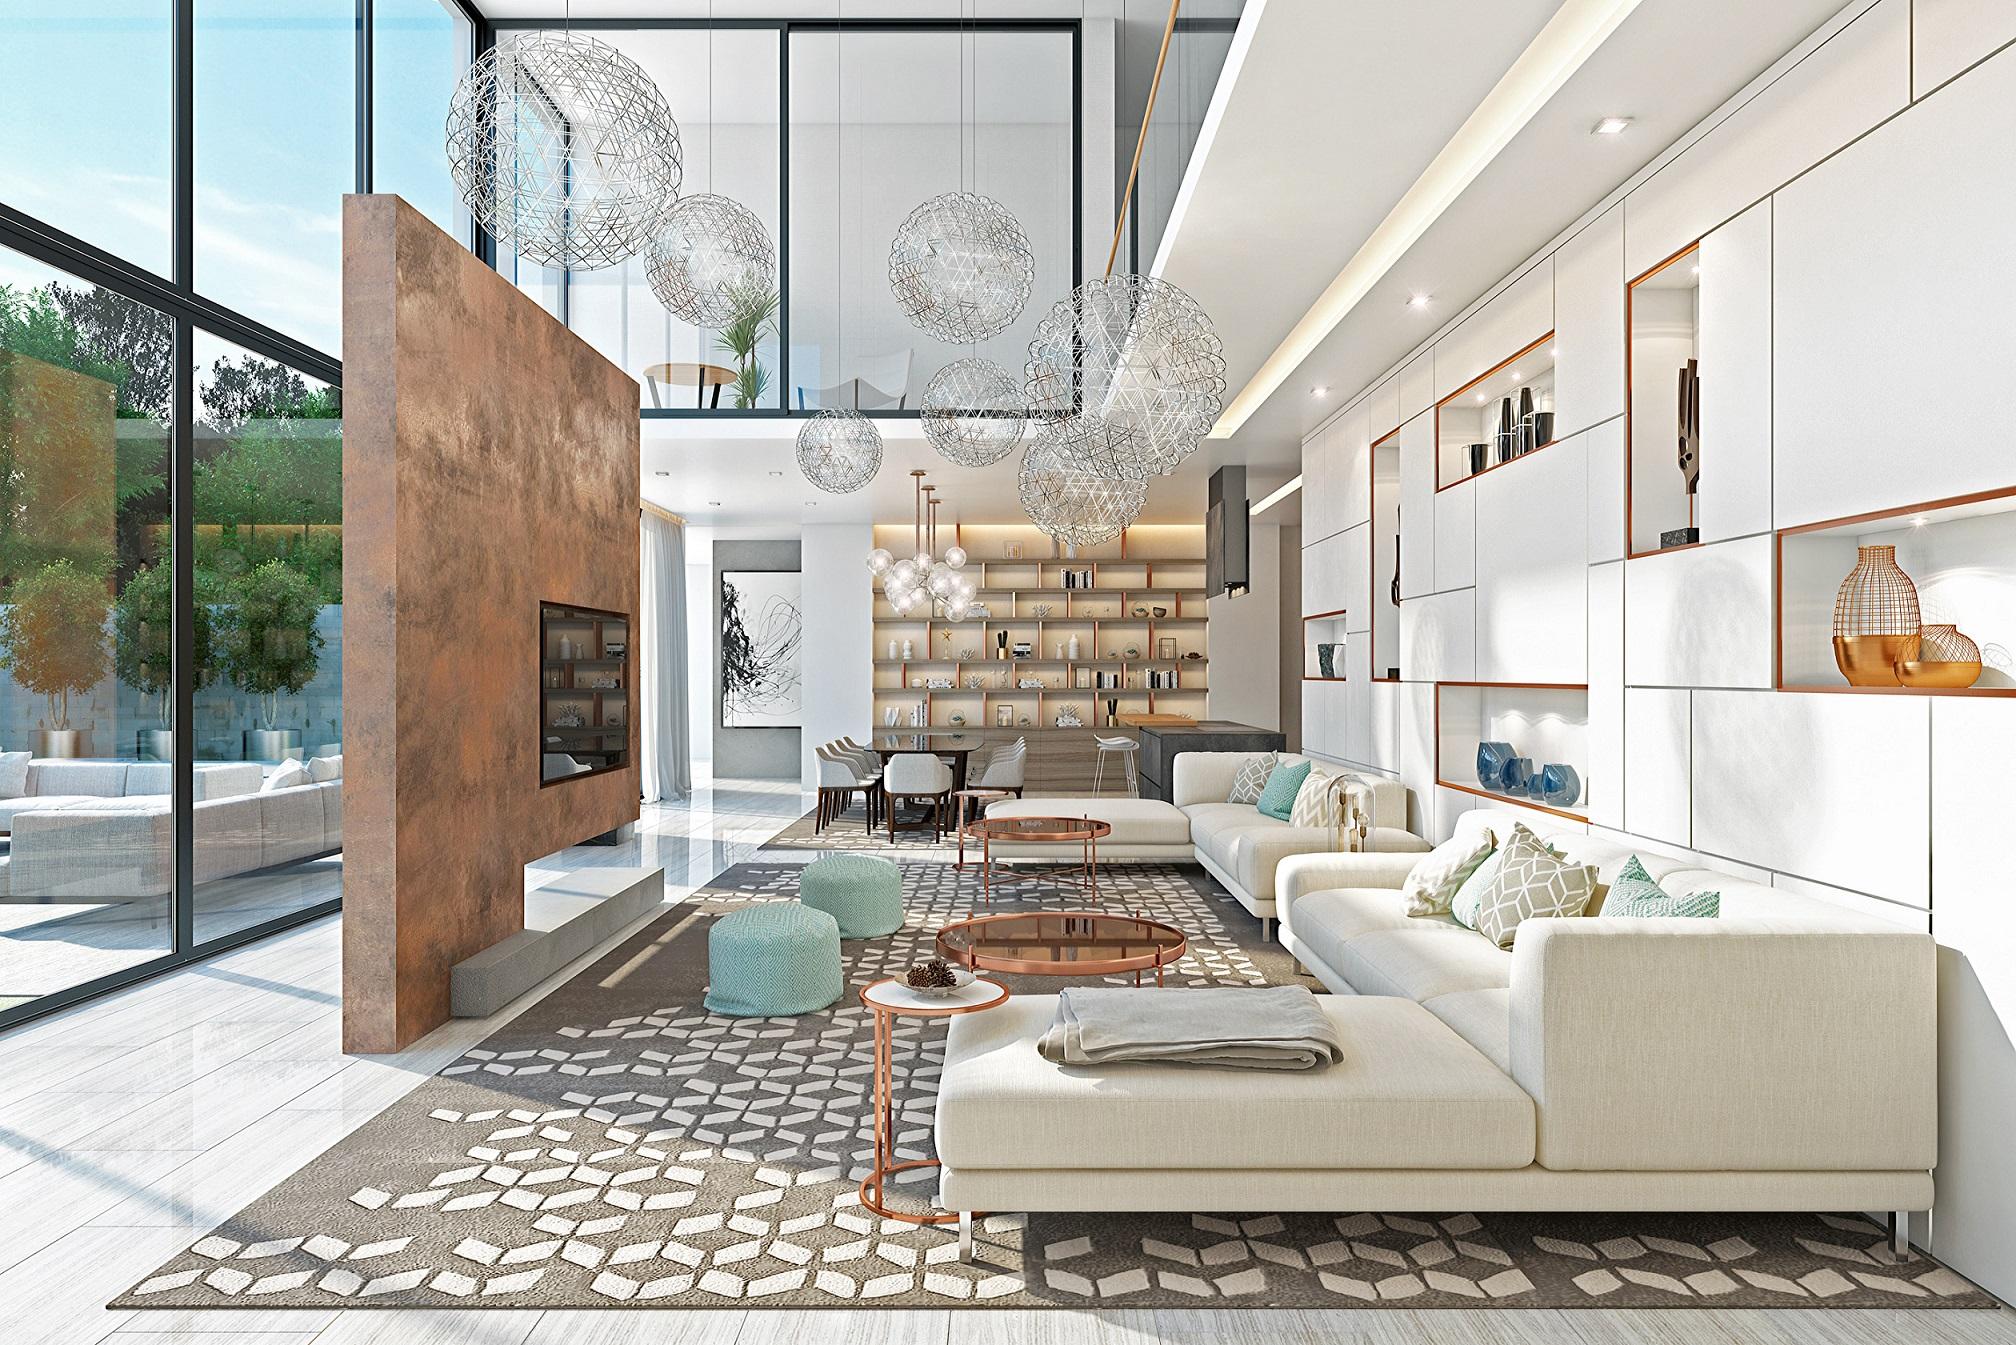 עיצוב בית מודרני תמונות